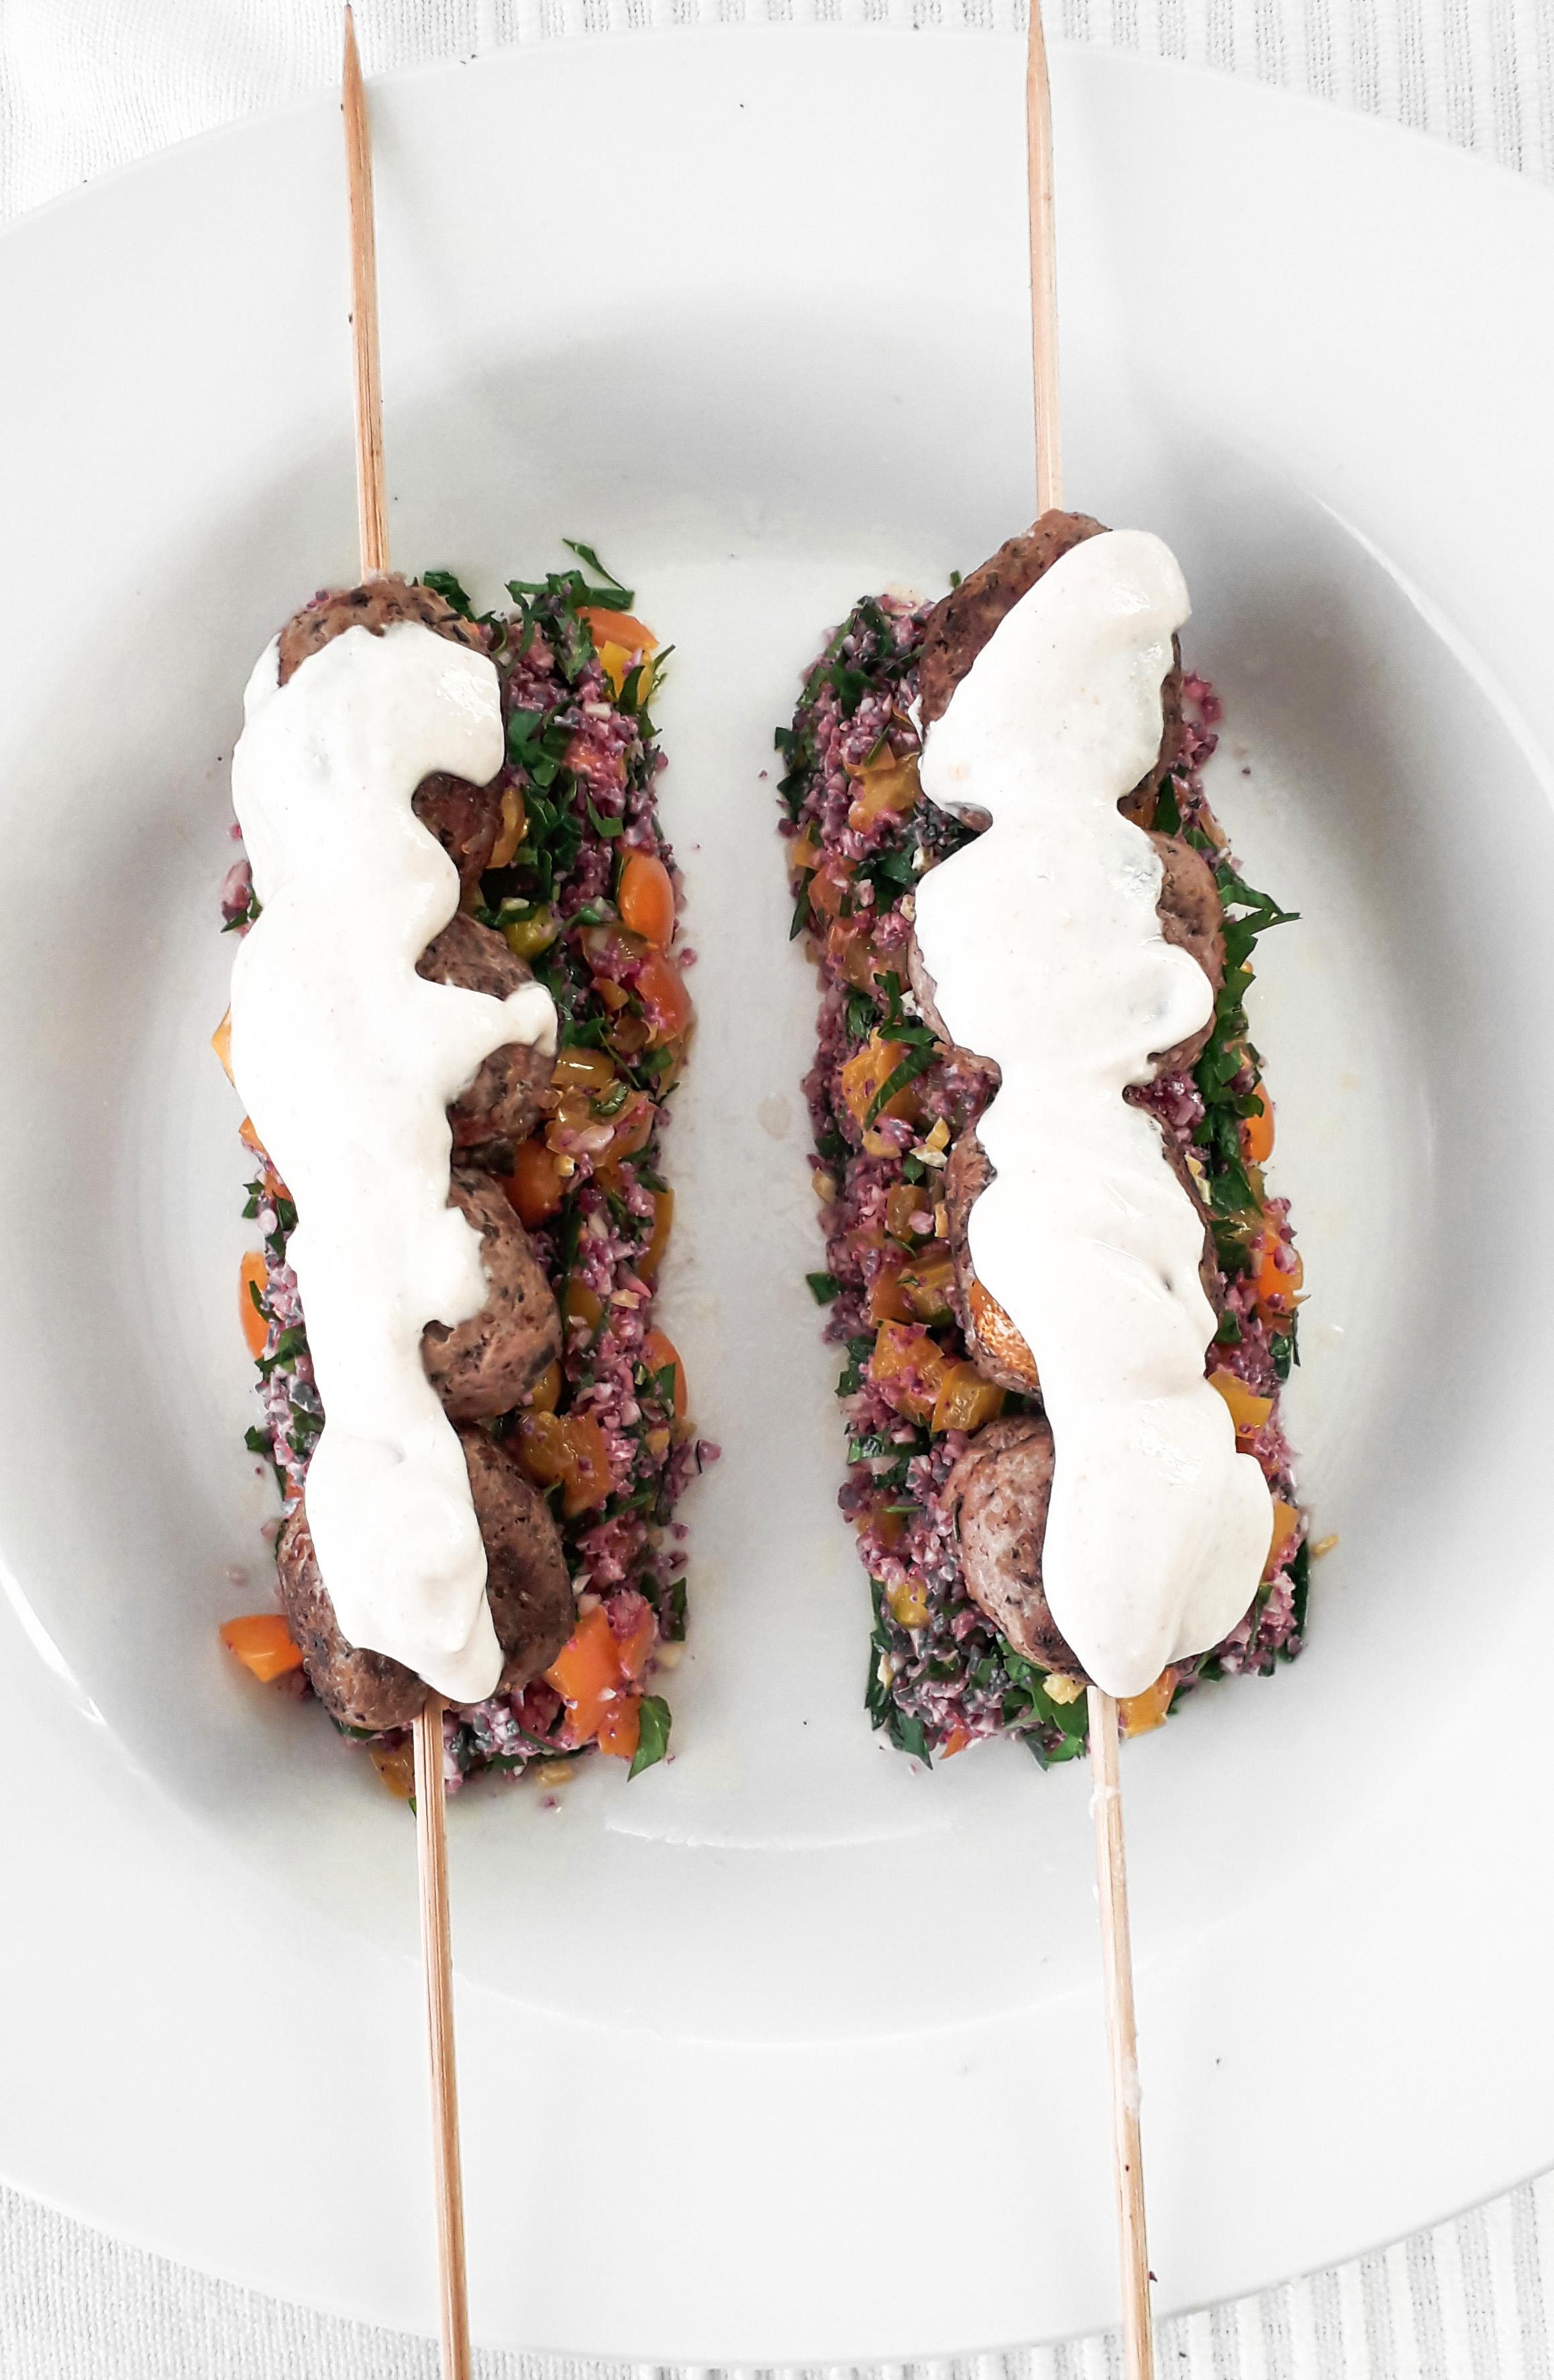 Receta Brocheta Albóndigas Shawarma Cuscus Coliflor Morada Afuegolento 1